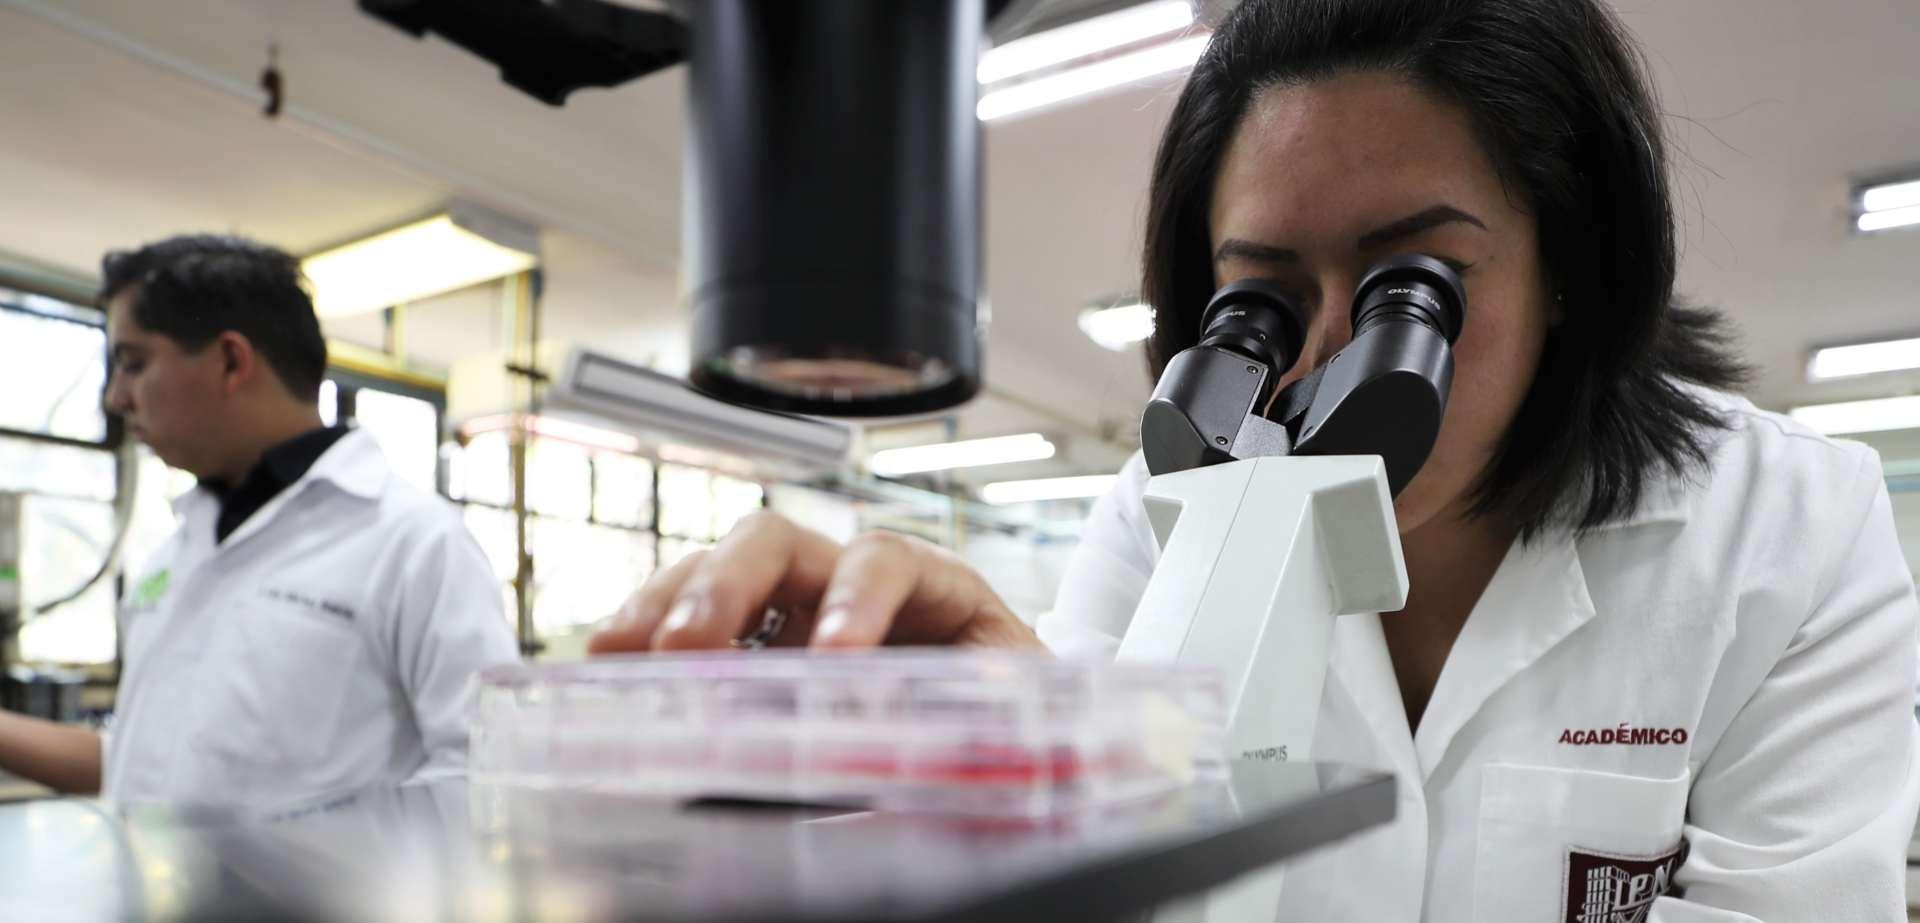 Especialista del IPN recomienda resguardo de adultos mayores vacunados contra SARS-CoV-2